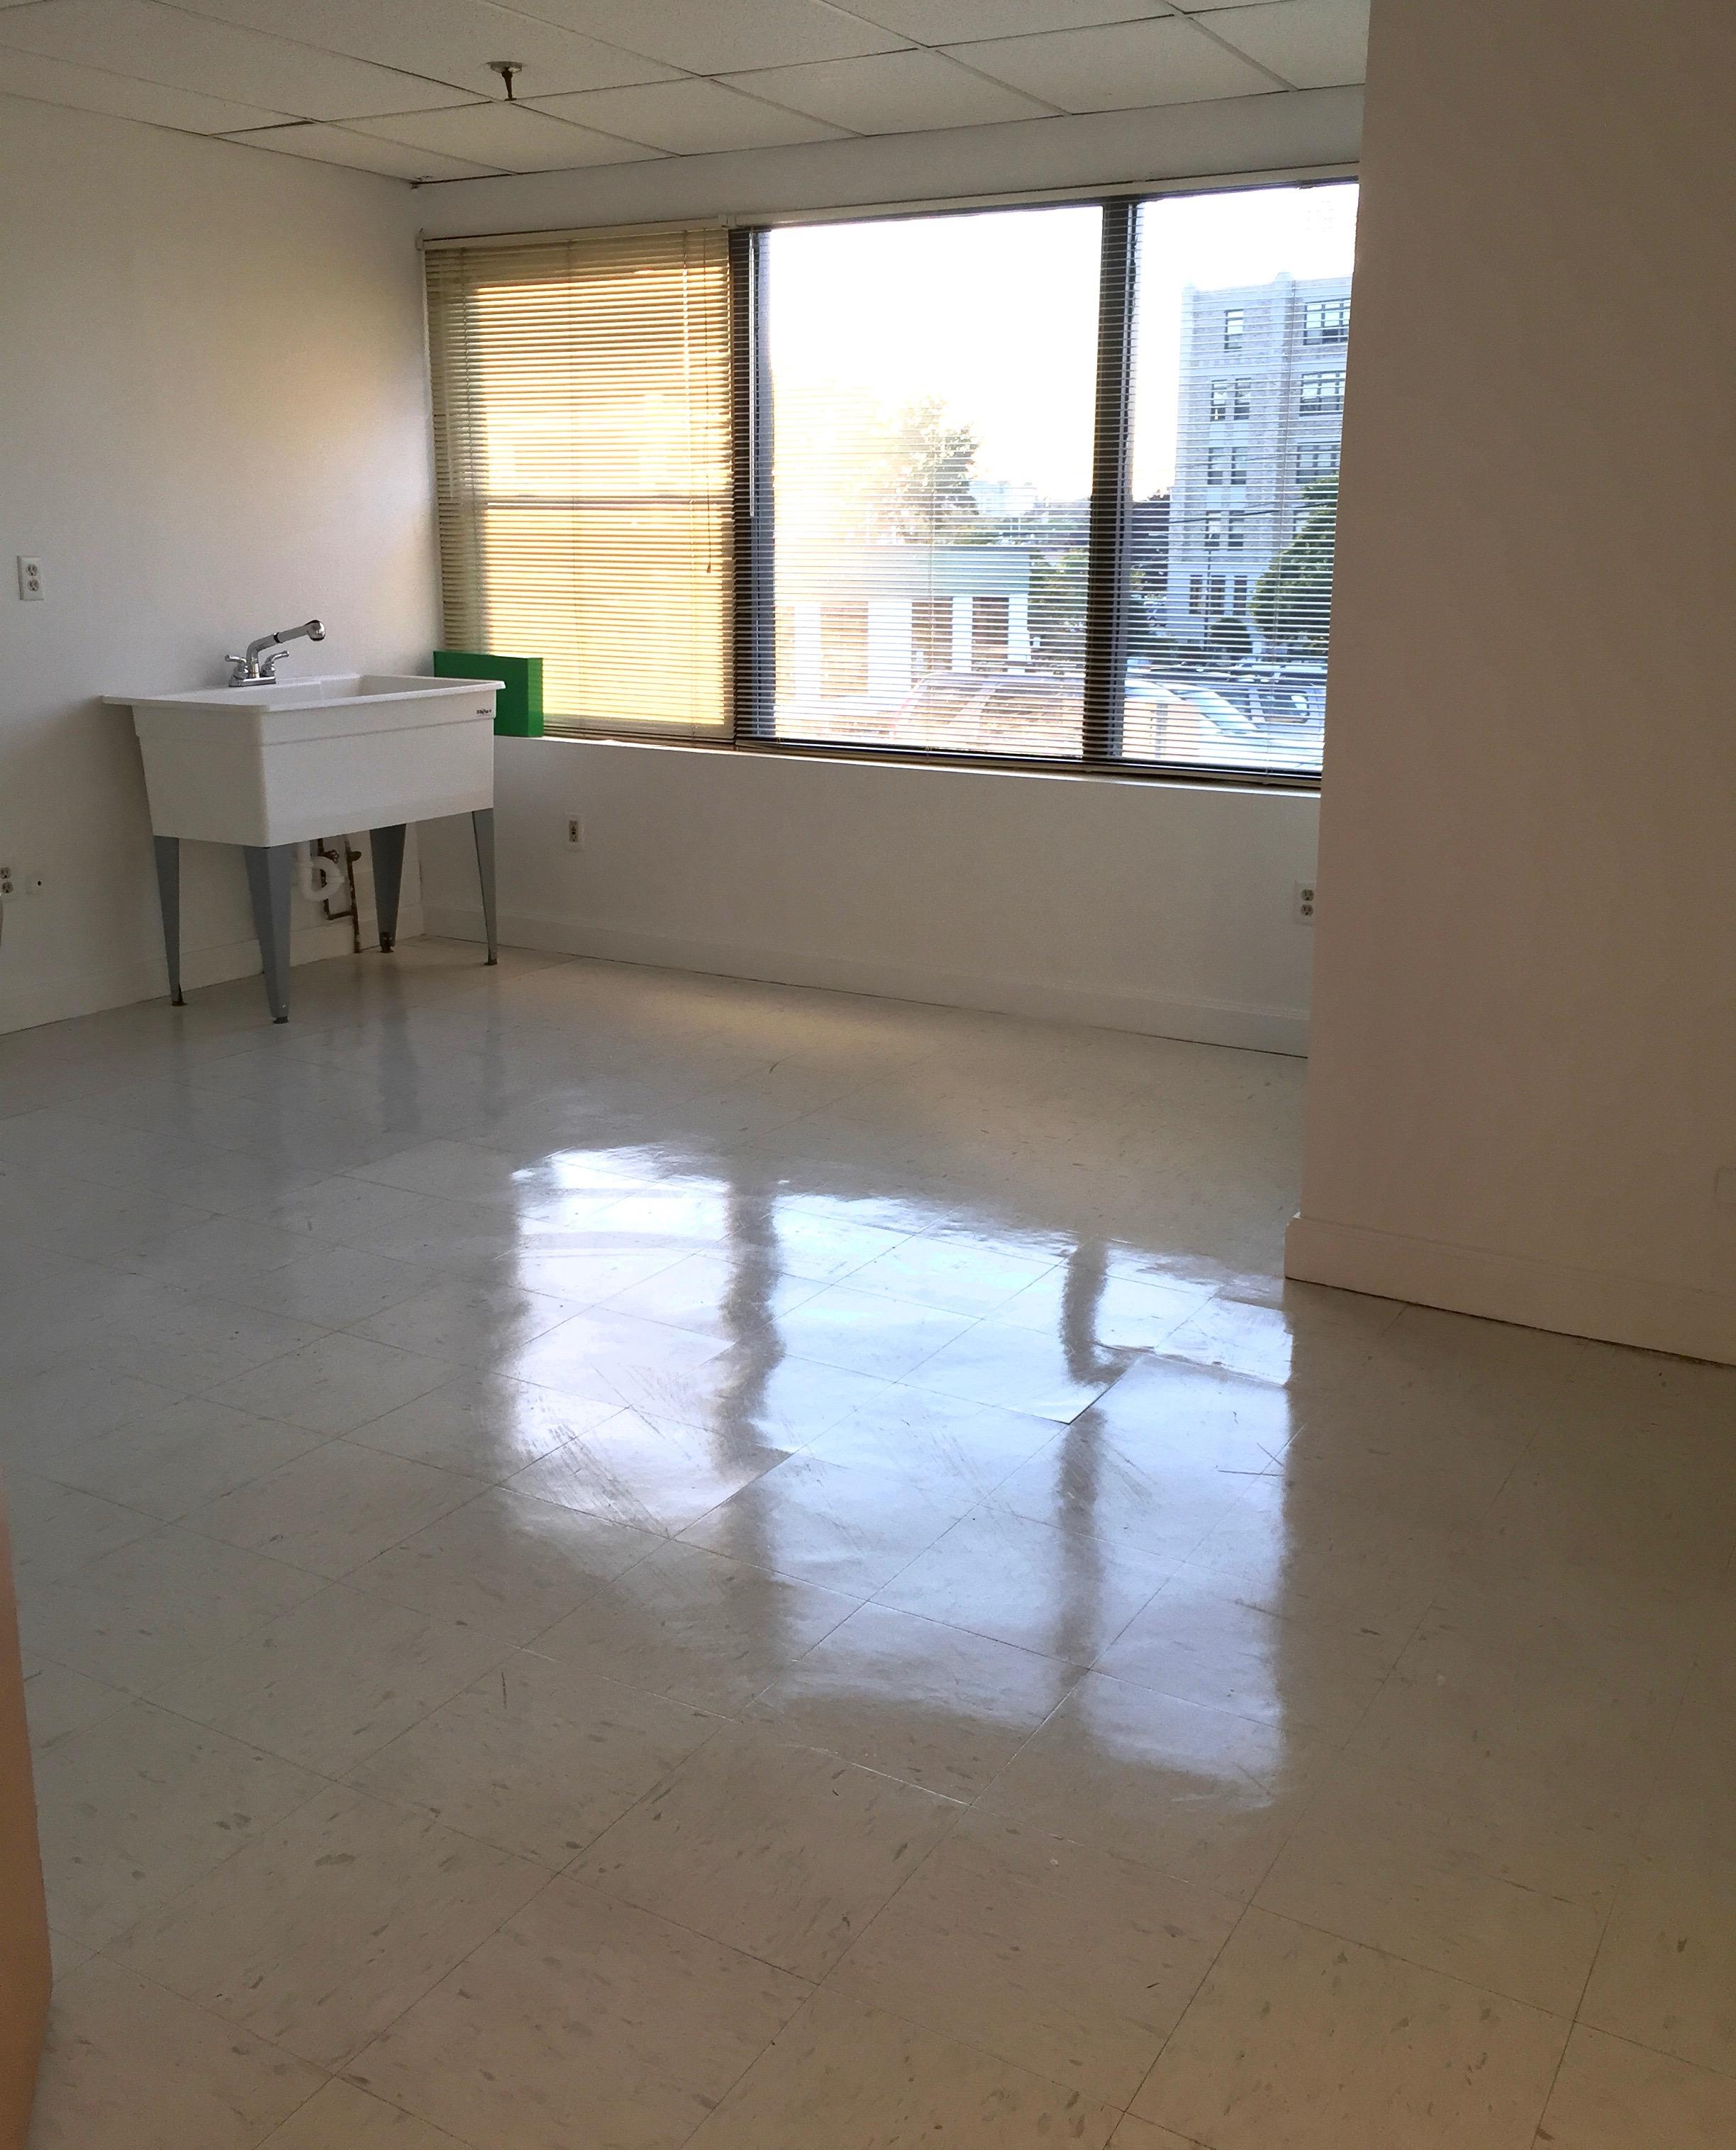 Studio 2 (rented)